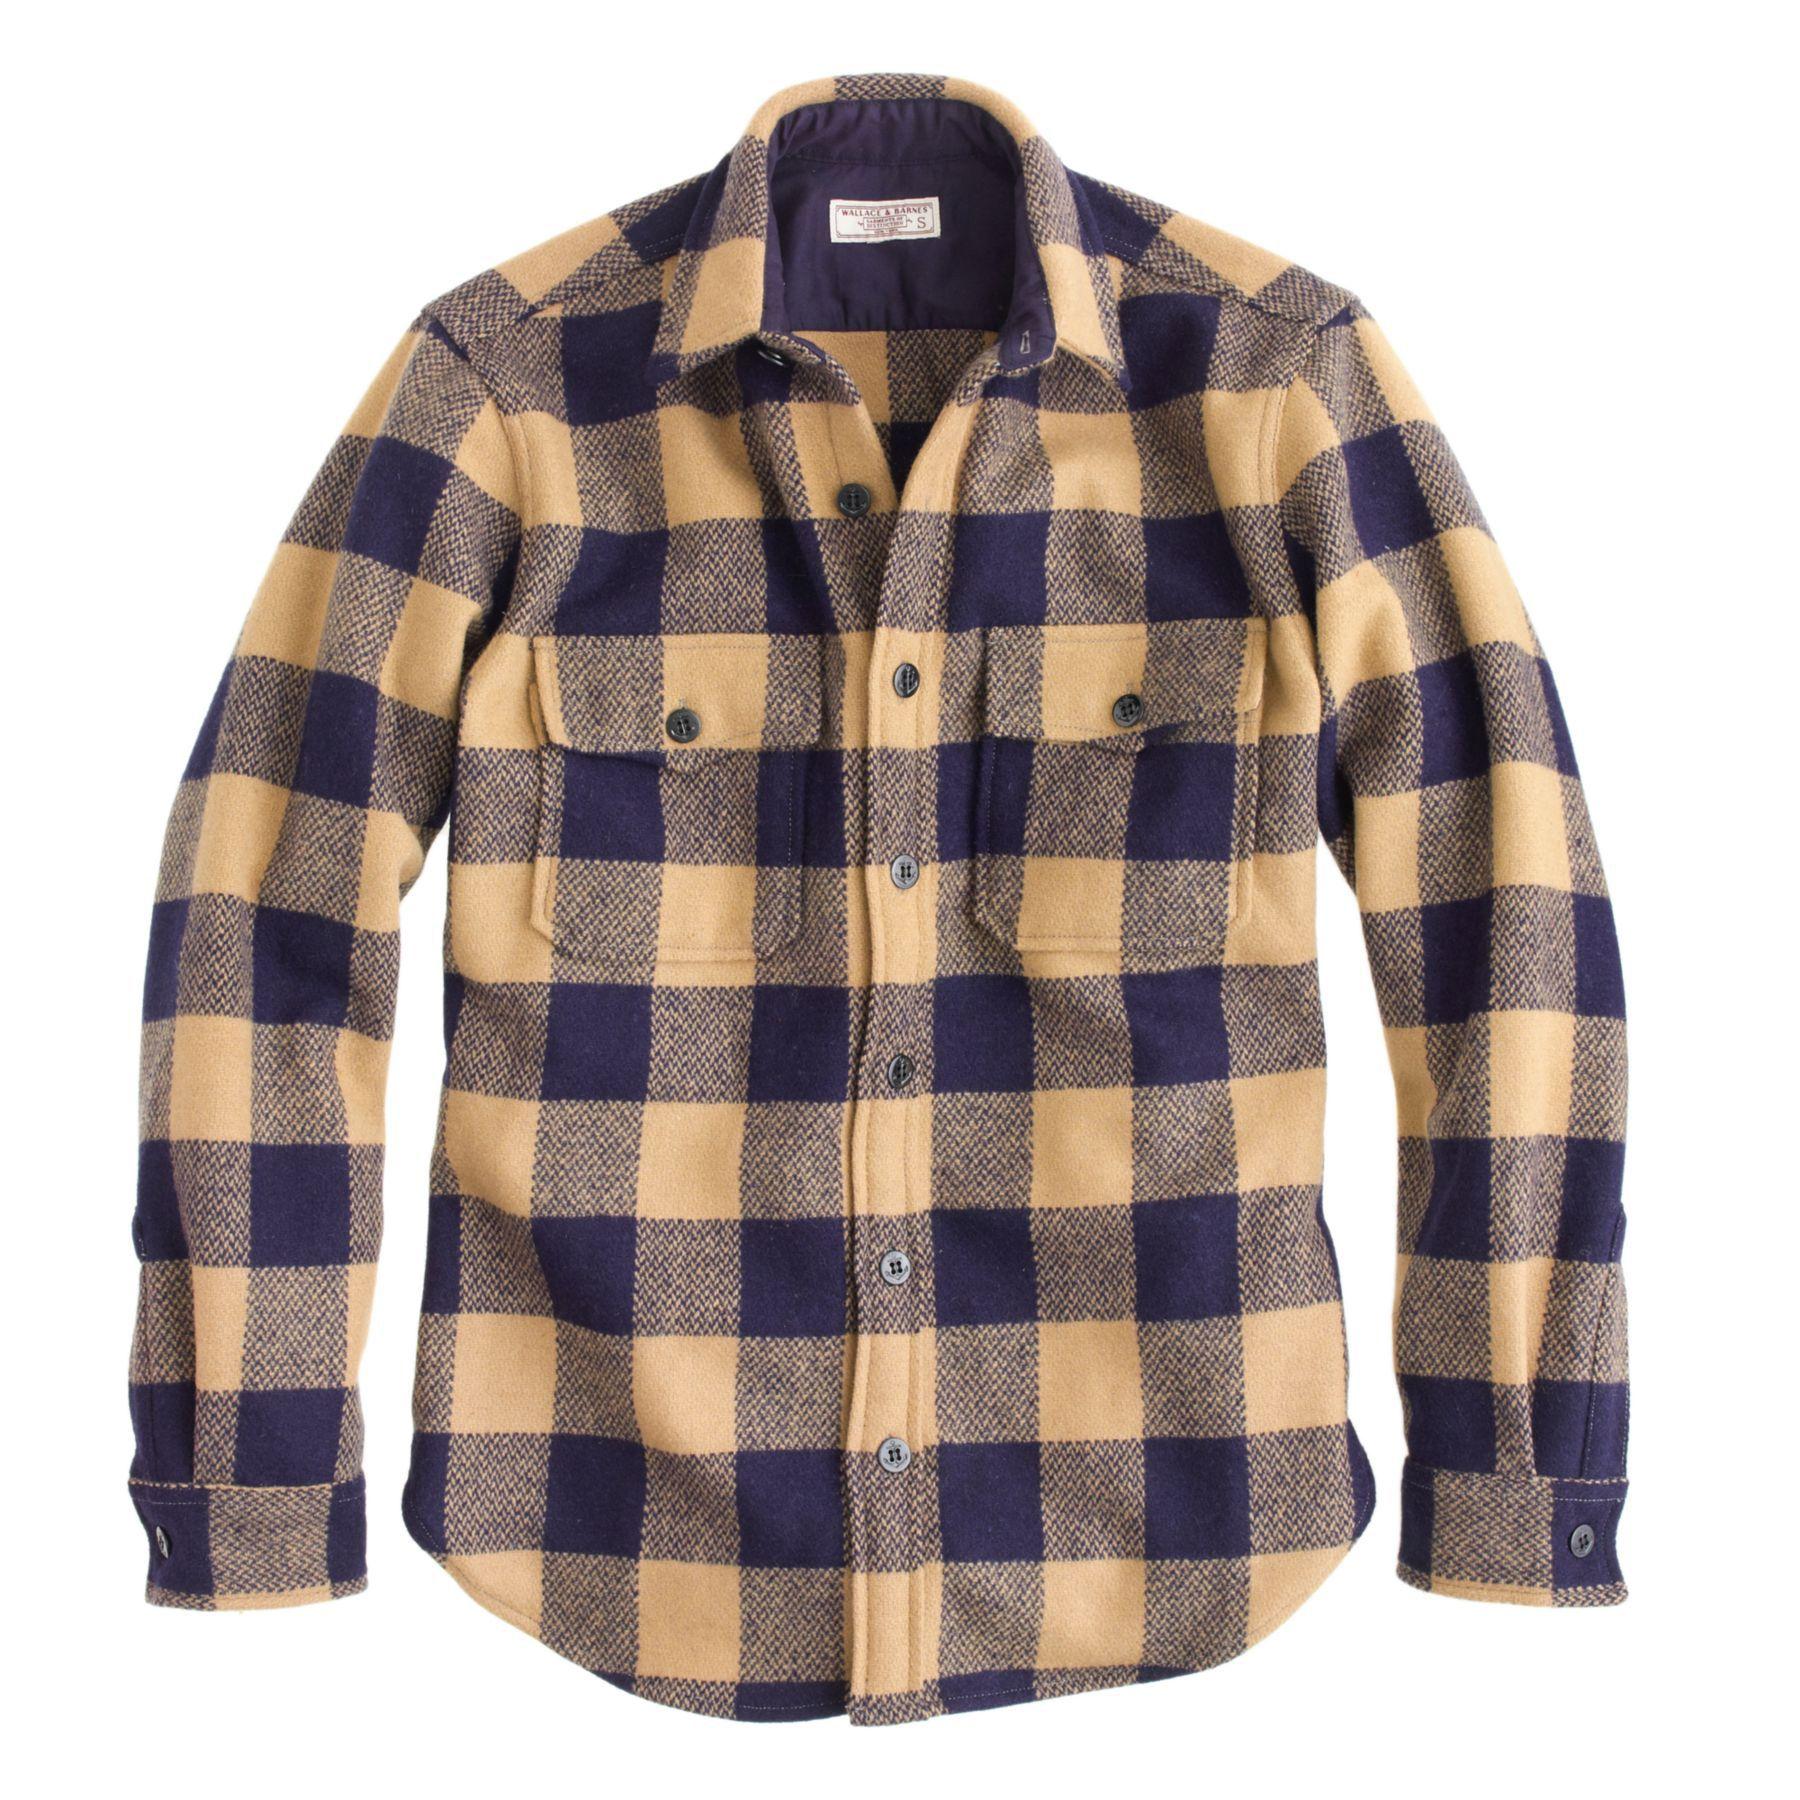 433501b1 Wallace & Barnes men's buffalo check CPO shirt-jacket at J.Crew ...